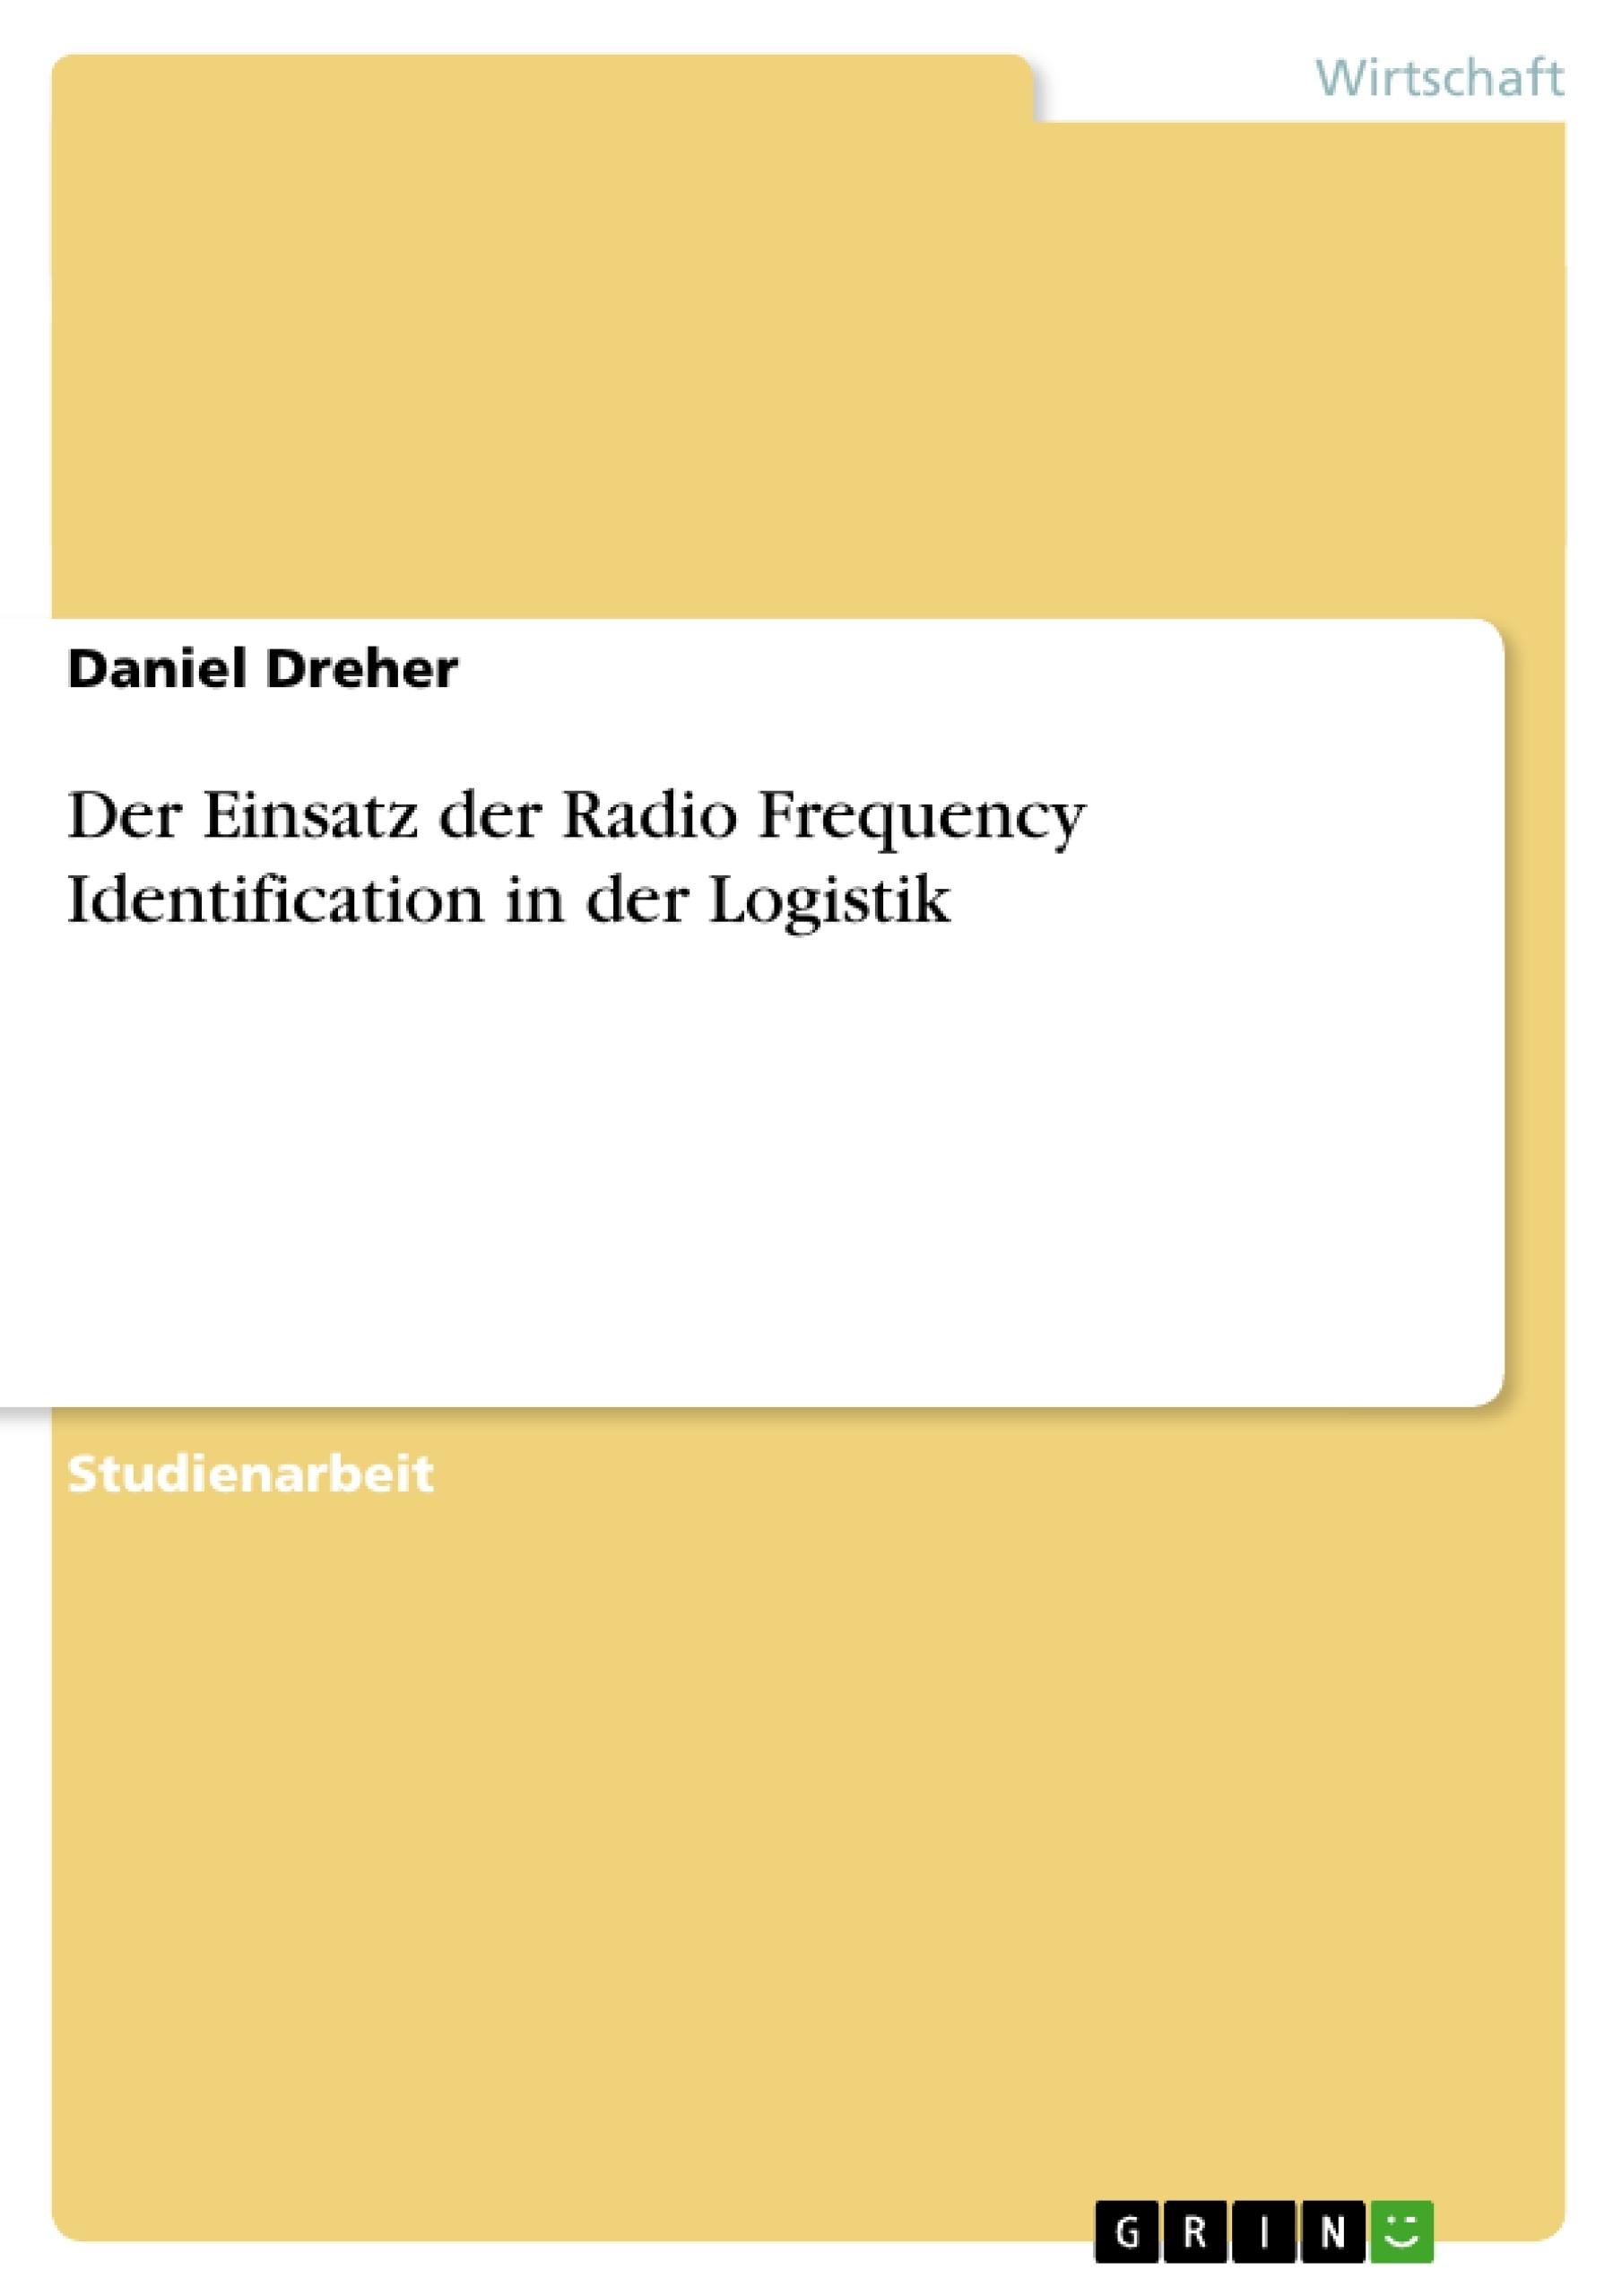 Titel: Der Einsatz der Radio Frequency Identification in der Logistik